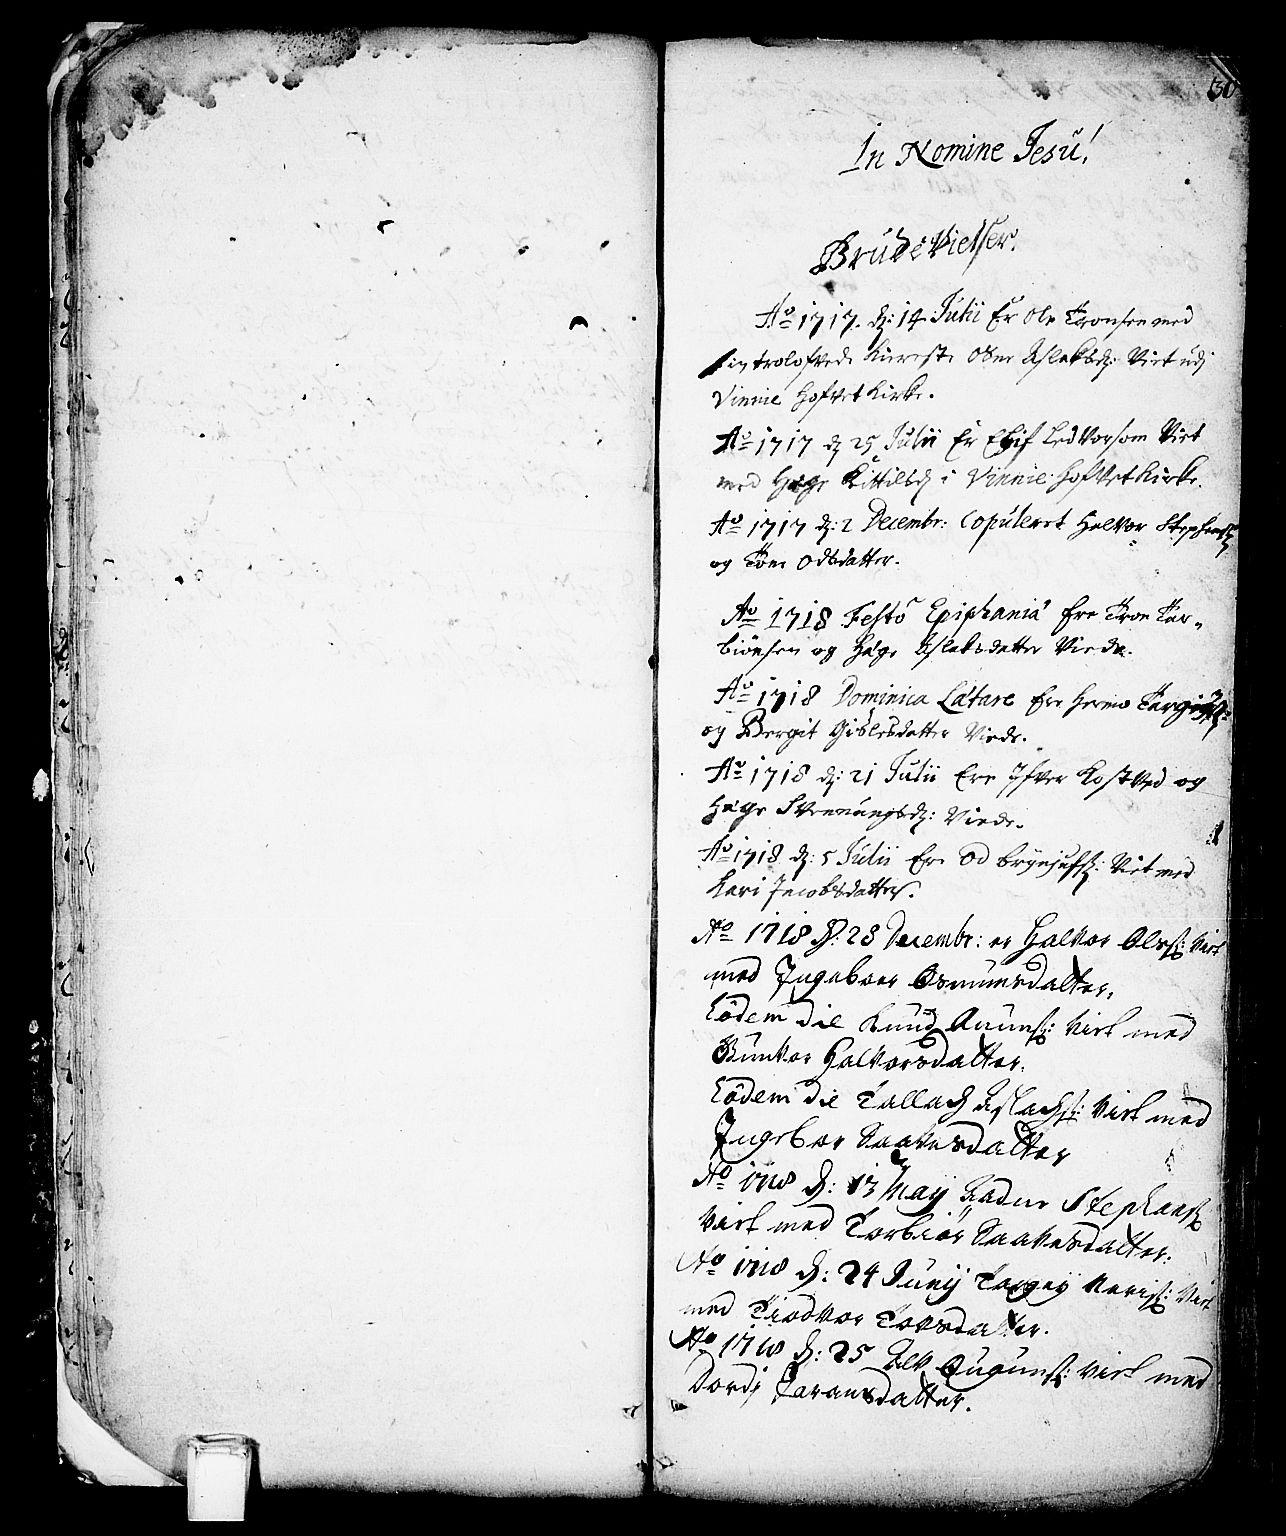 SAKO, Vinje kirkebøker, F/Fa/L0001: Ministerialbok nr. I 1, 1717-1766, s. 30